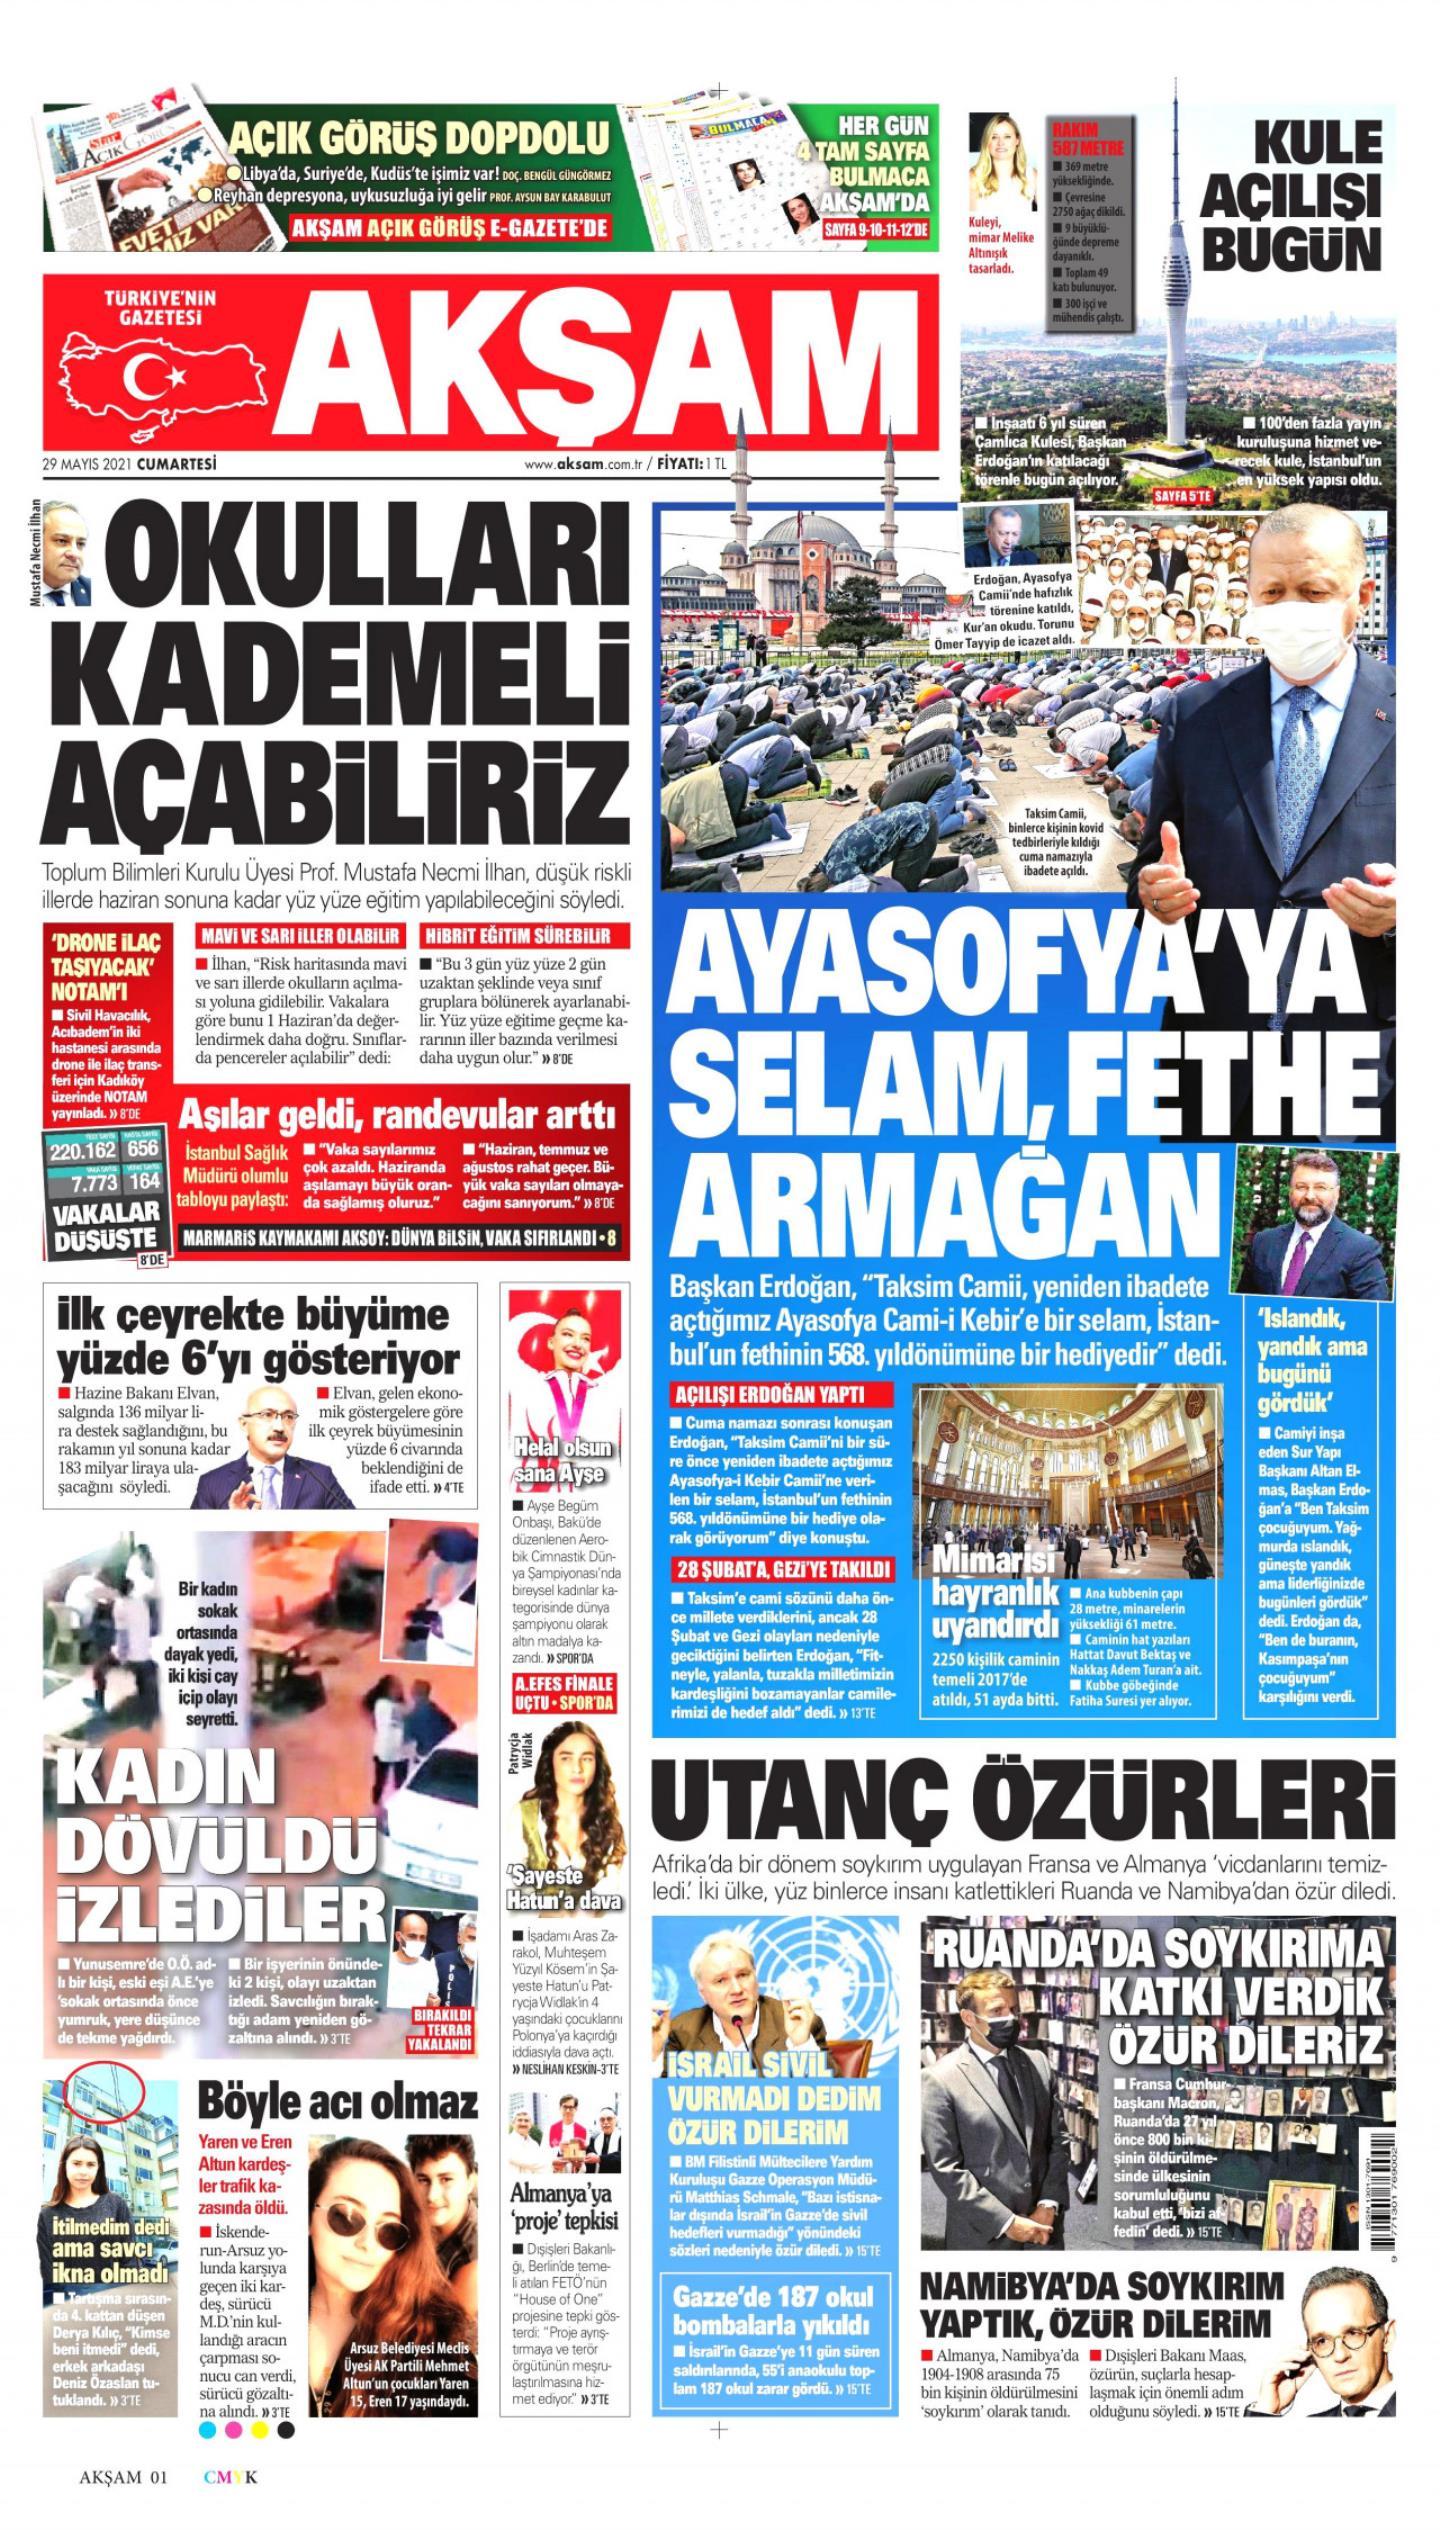 İktidar yanlısı gazeteler aynı manşetle çıktı: 'Organize mi ediliyor?'